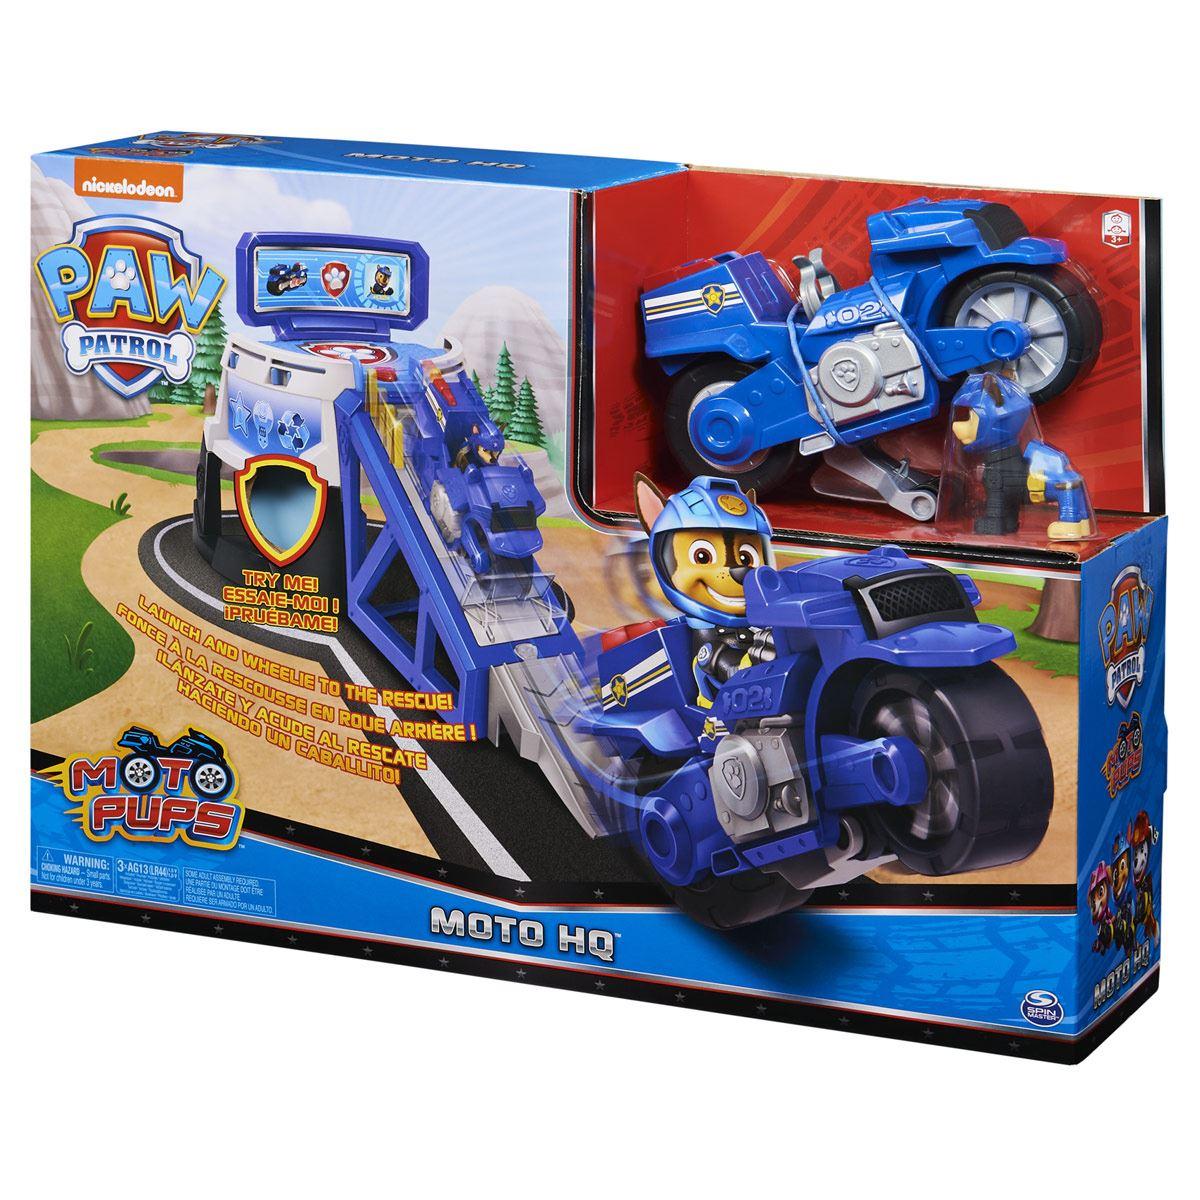 Moto Playset Spin Master 6060233